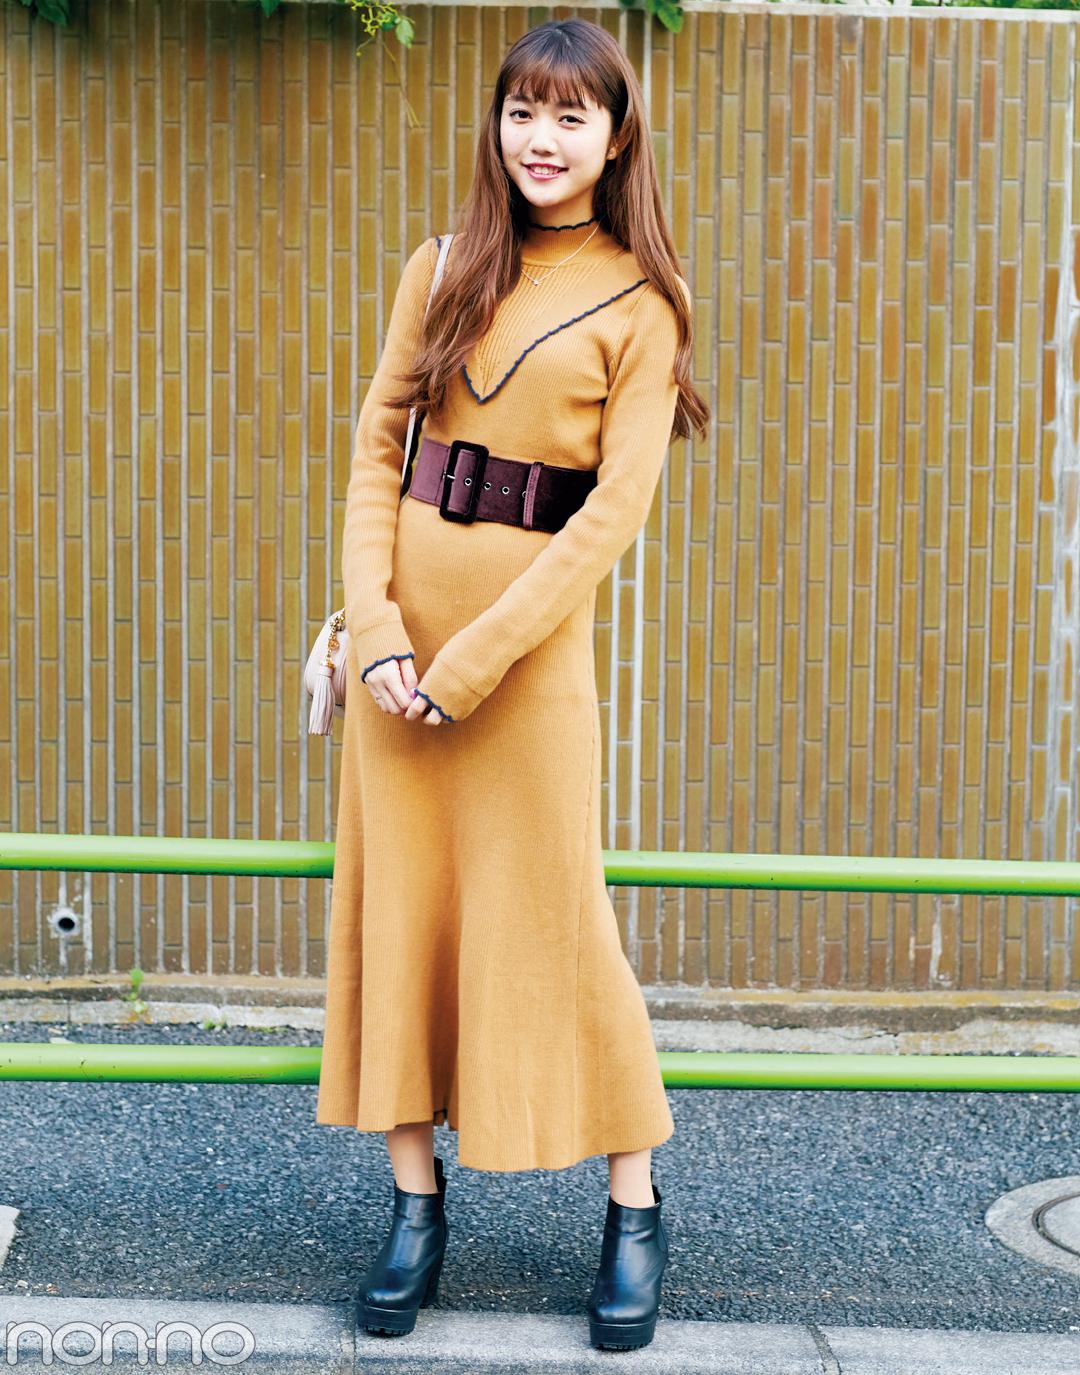 モデルのバッグの中身が見たい! 岡田紗佳&松川菜々花の私物を拝見♡ _1_4